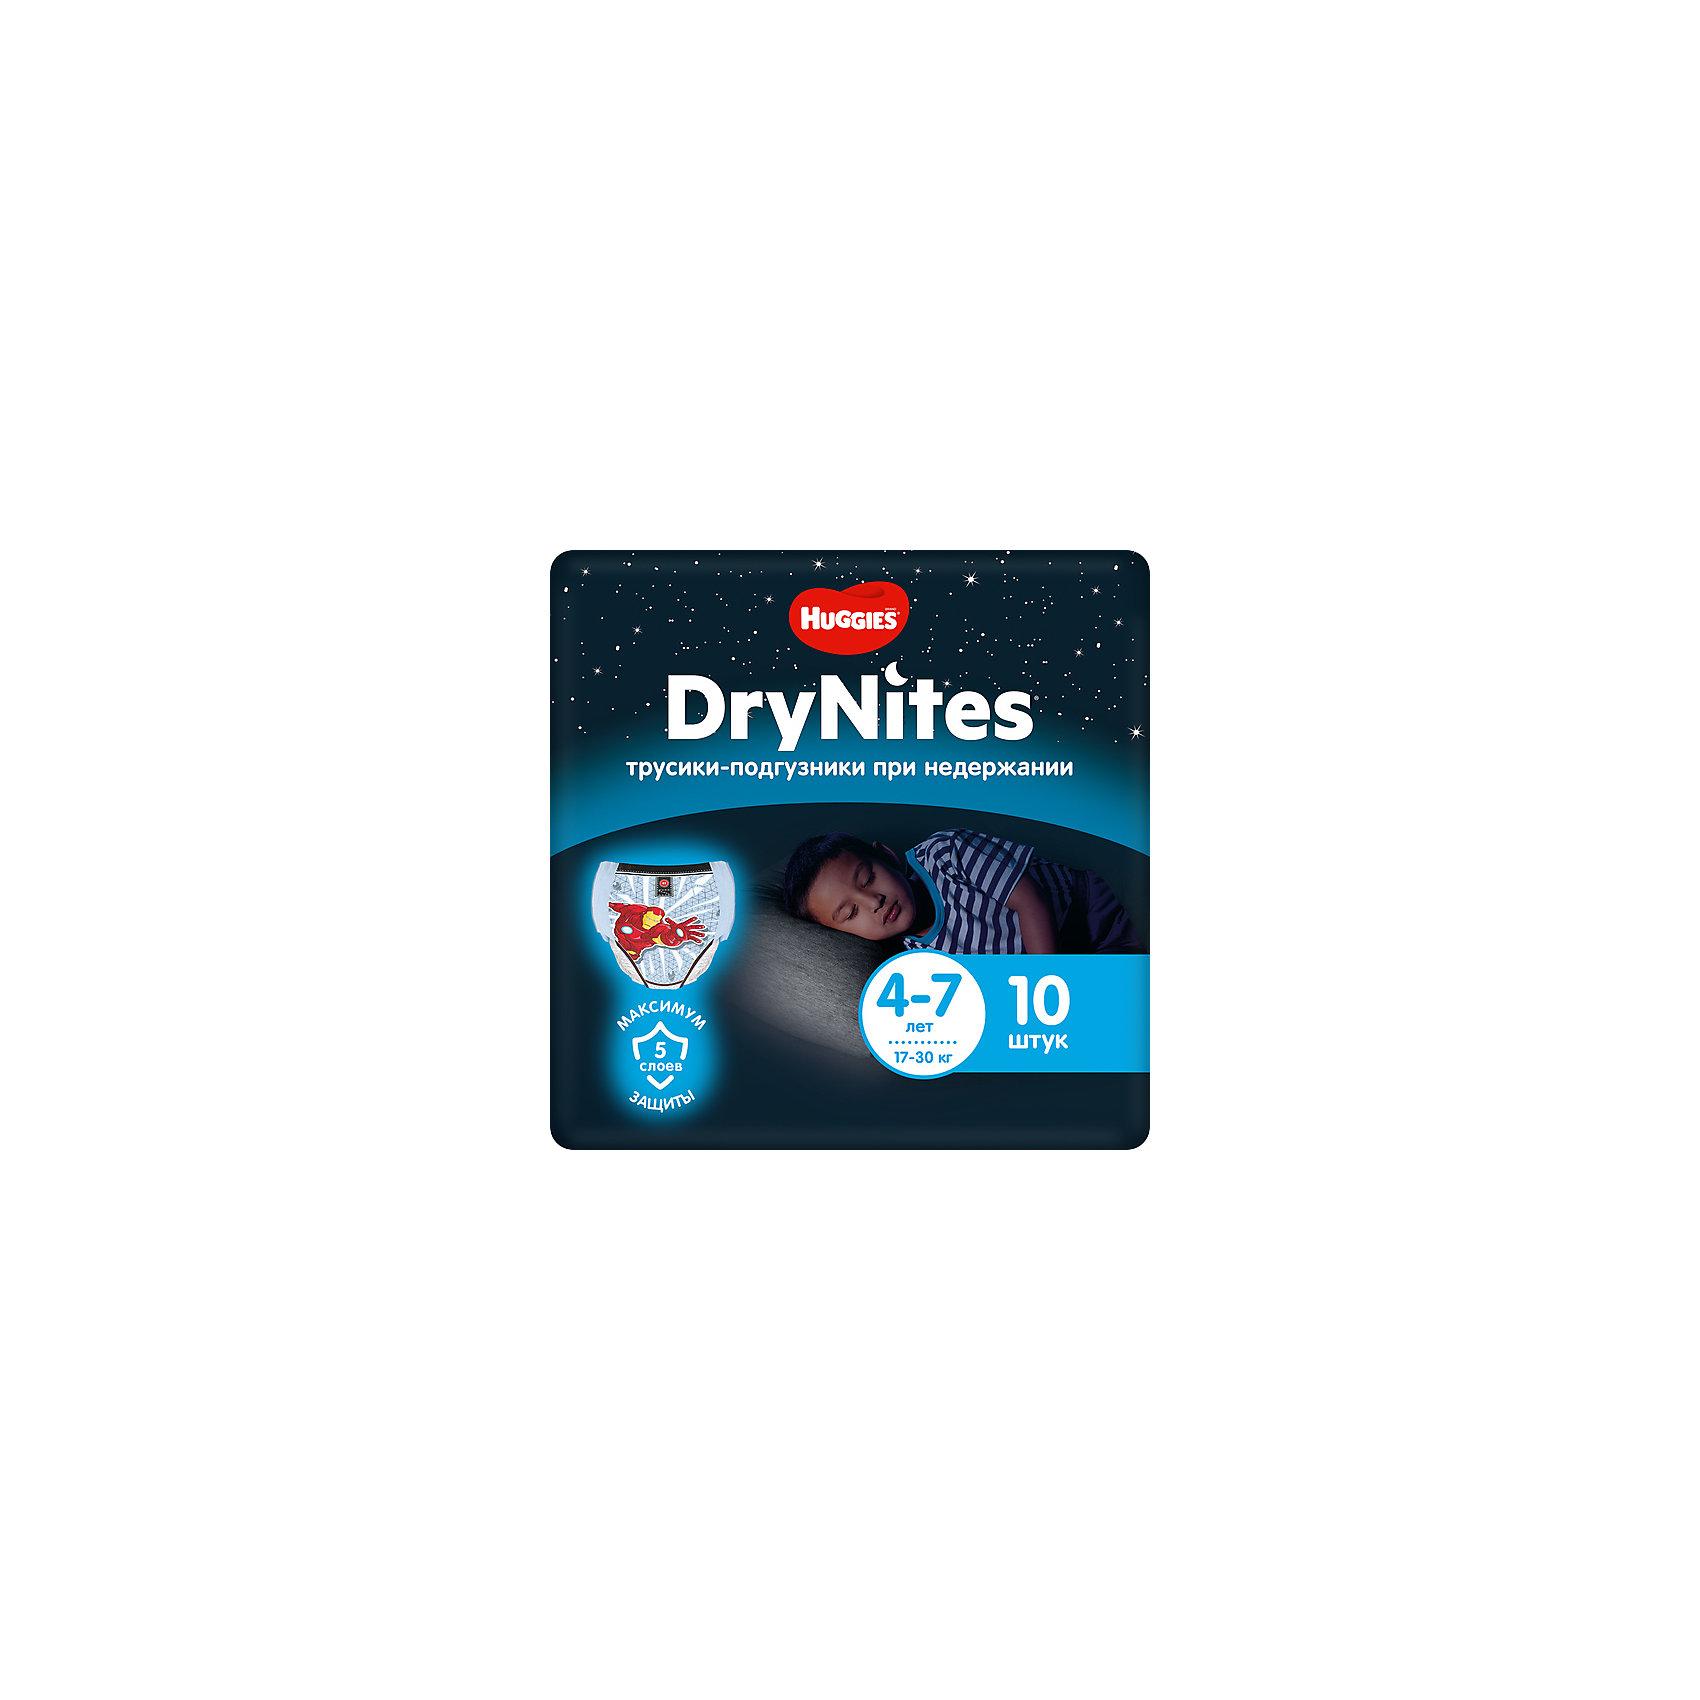 Трусики Huggies DryNites для мальчиков 4-7 лет, 17-30 кг, 10 шт. (HUGGIES)